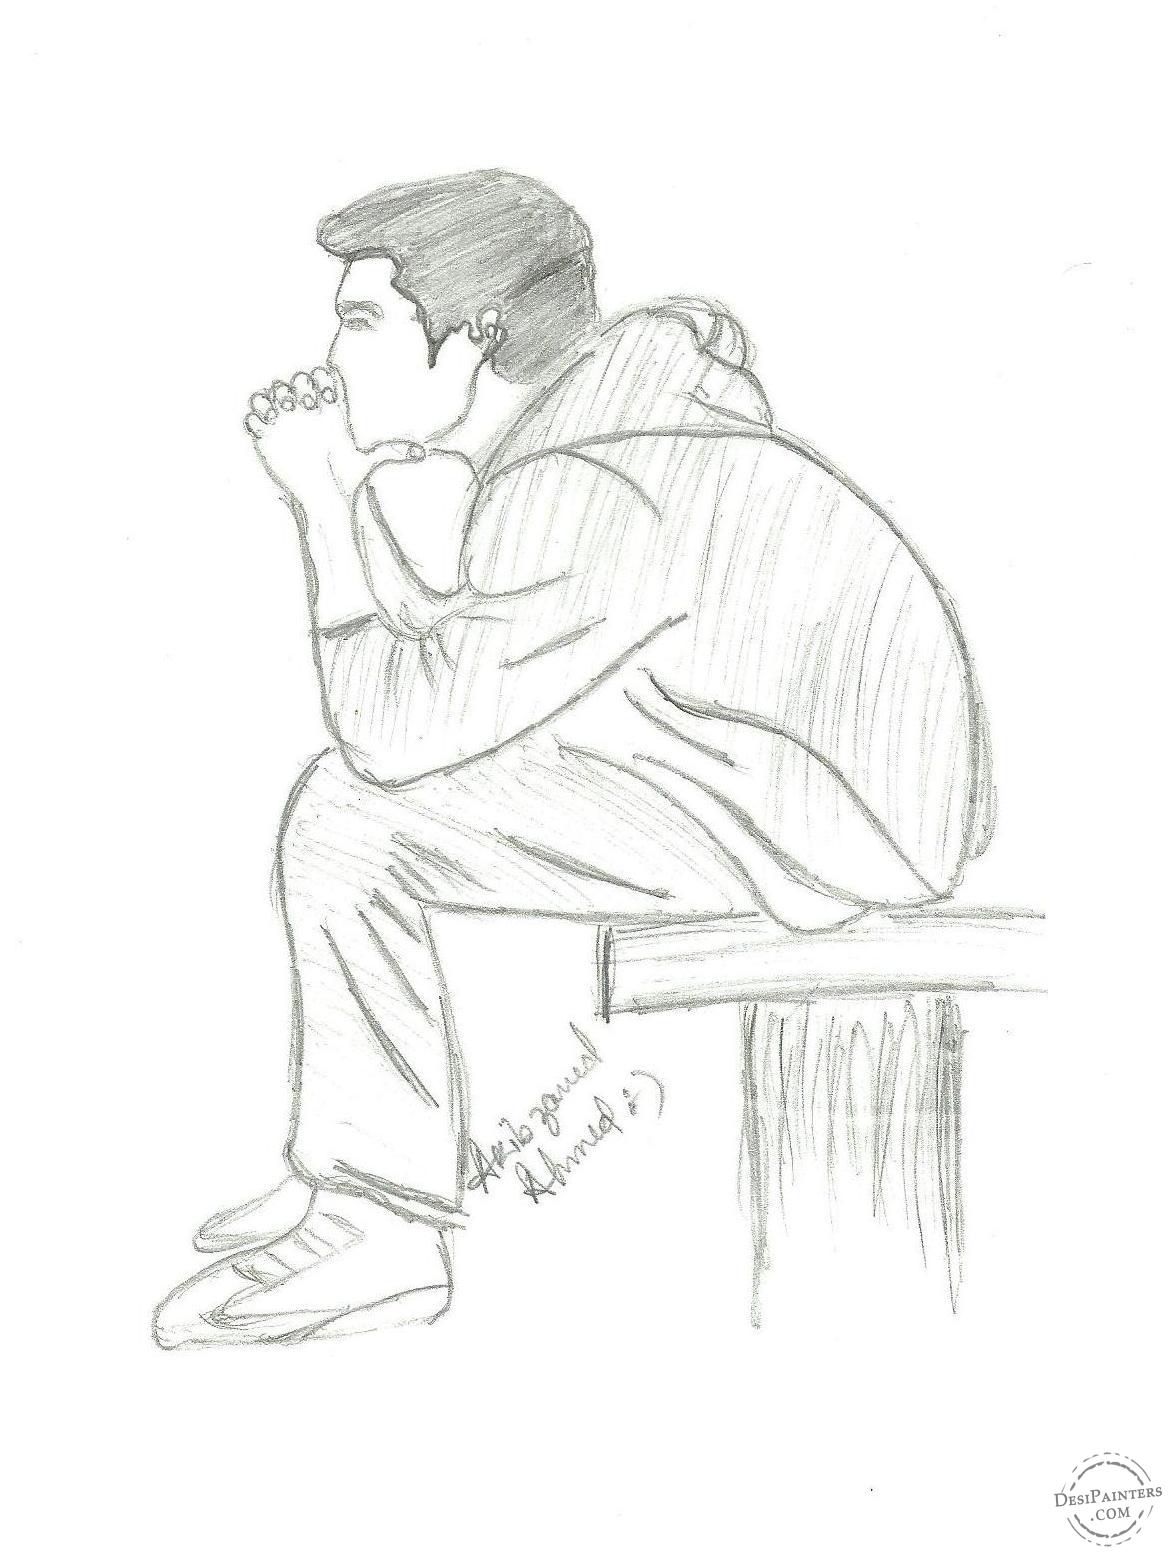 1168x1553 Friendship Pencil Sketch Images Pencil Sketch Of A Boy Pencil